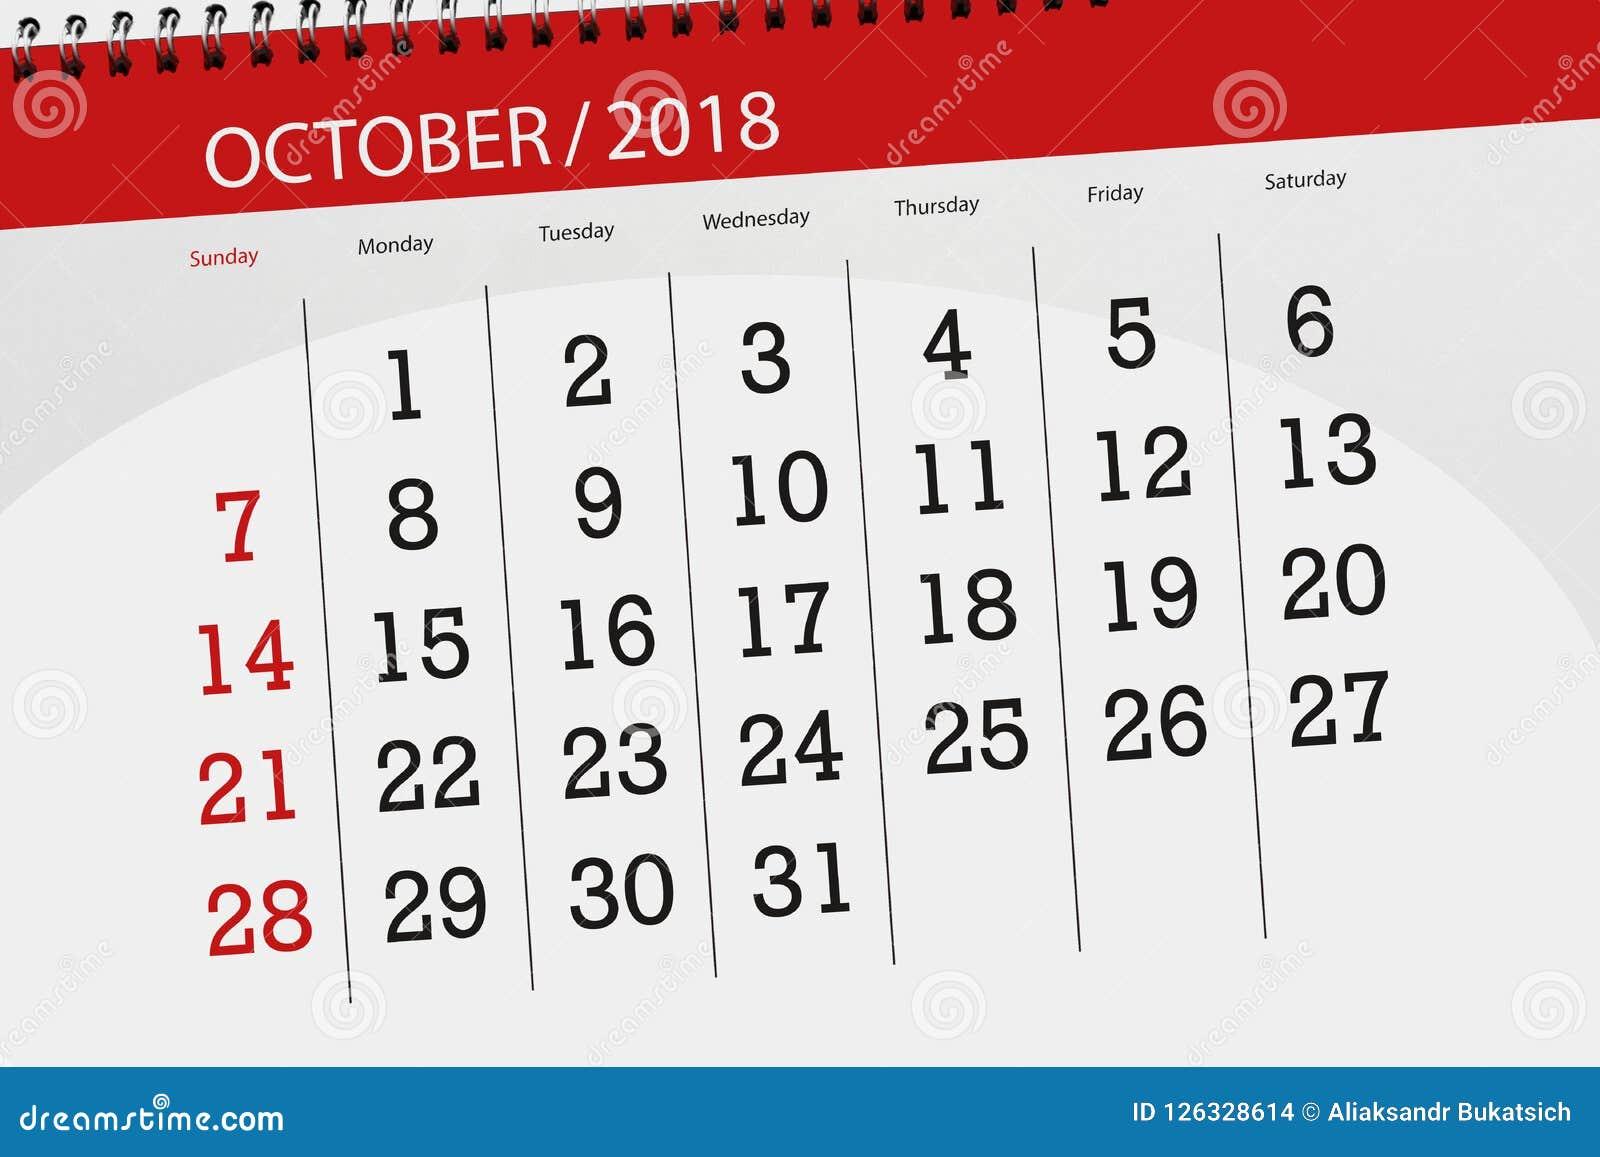 Kalenderontwerper voor de maand, uiterste termijndag van de week 2018 oktober